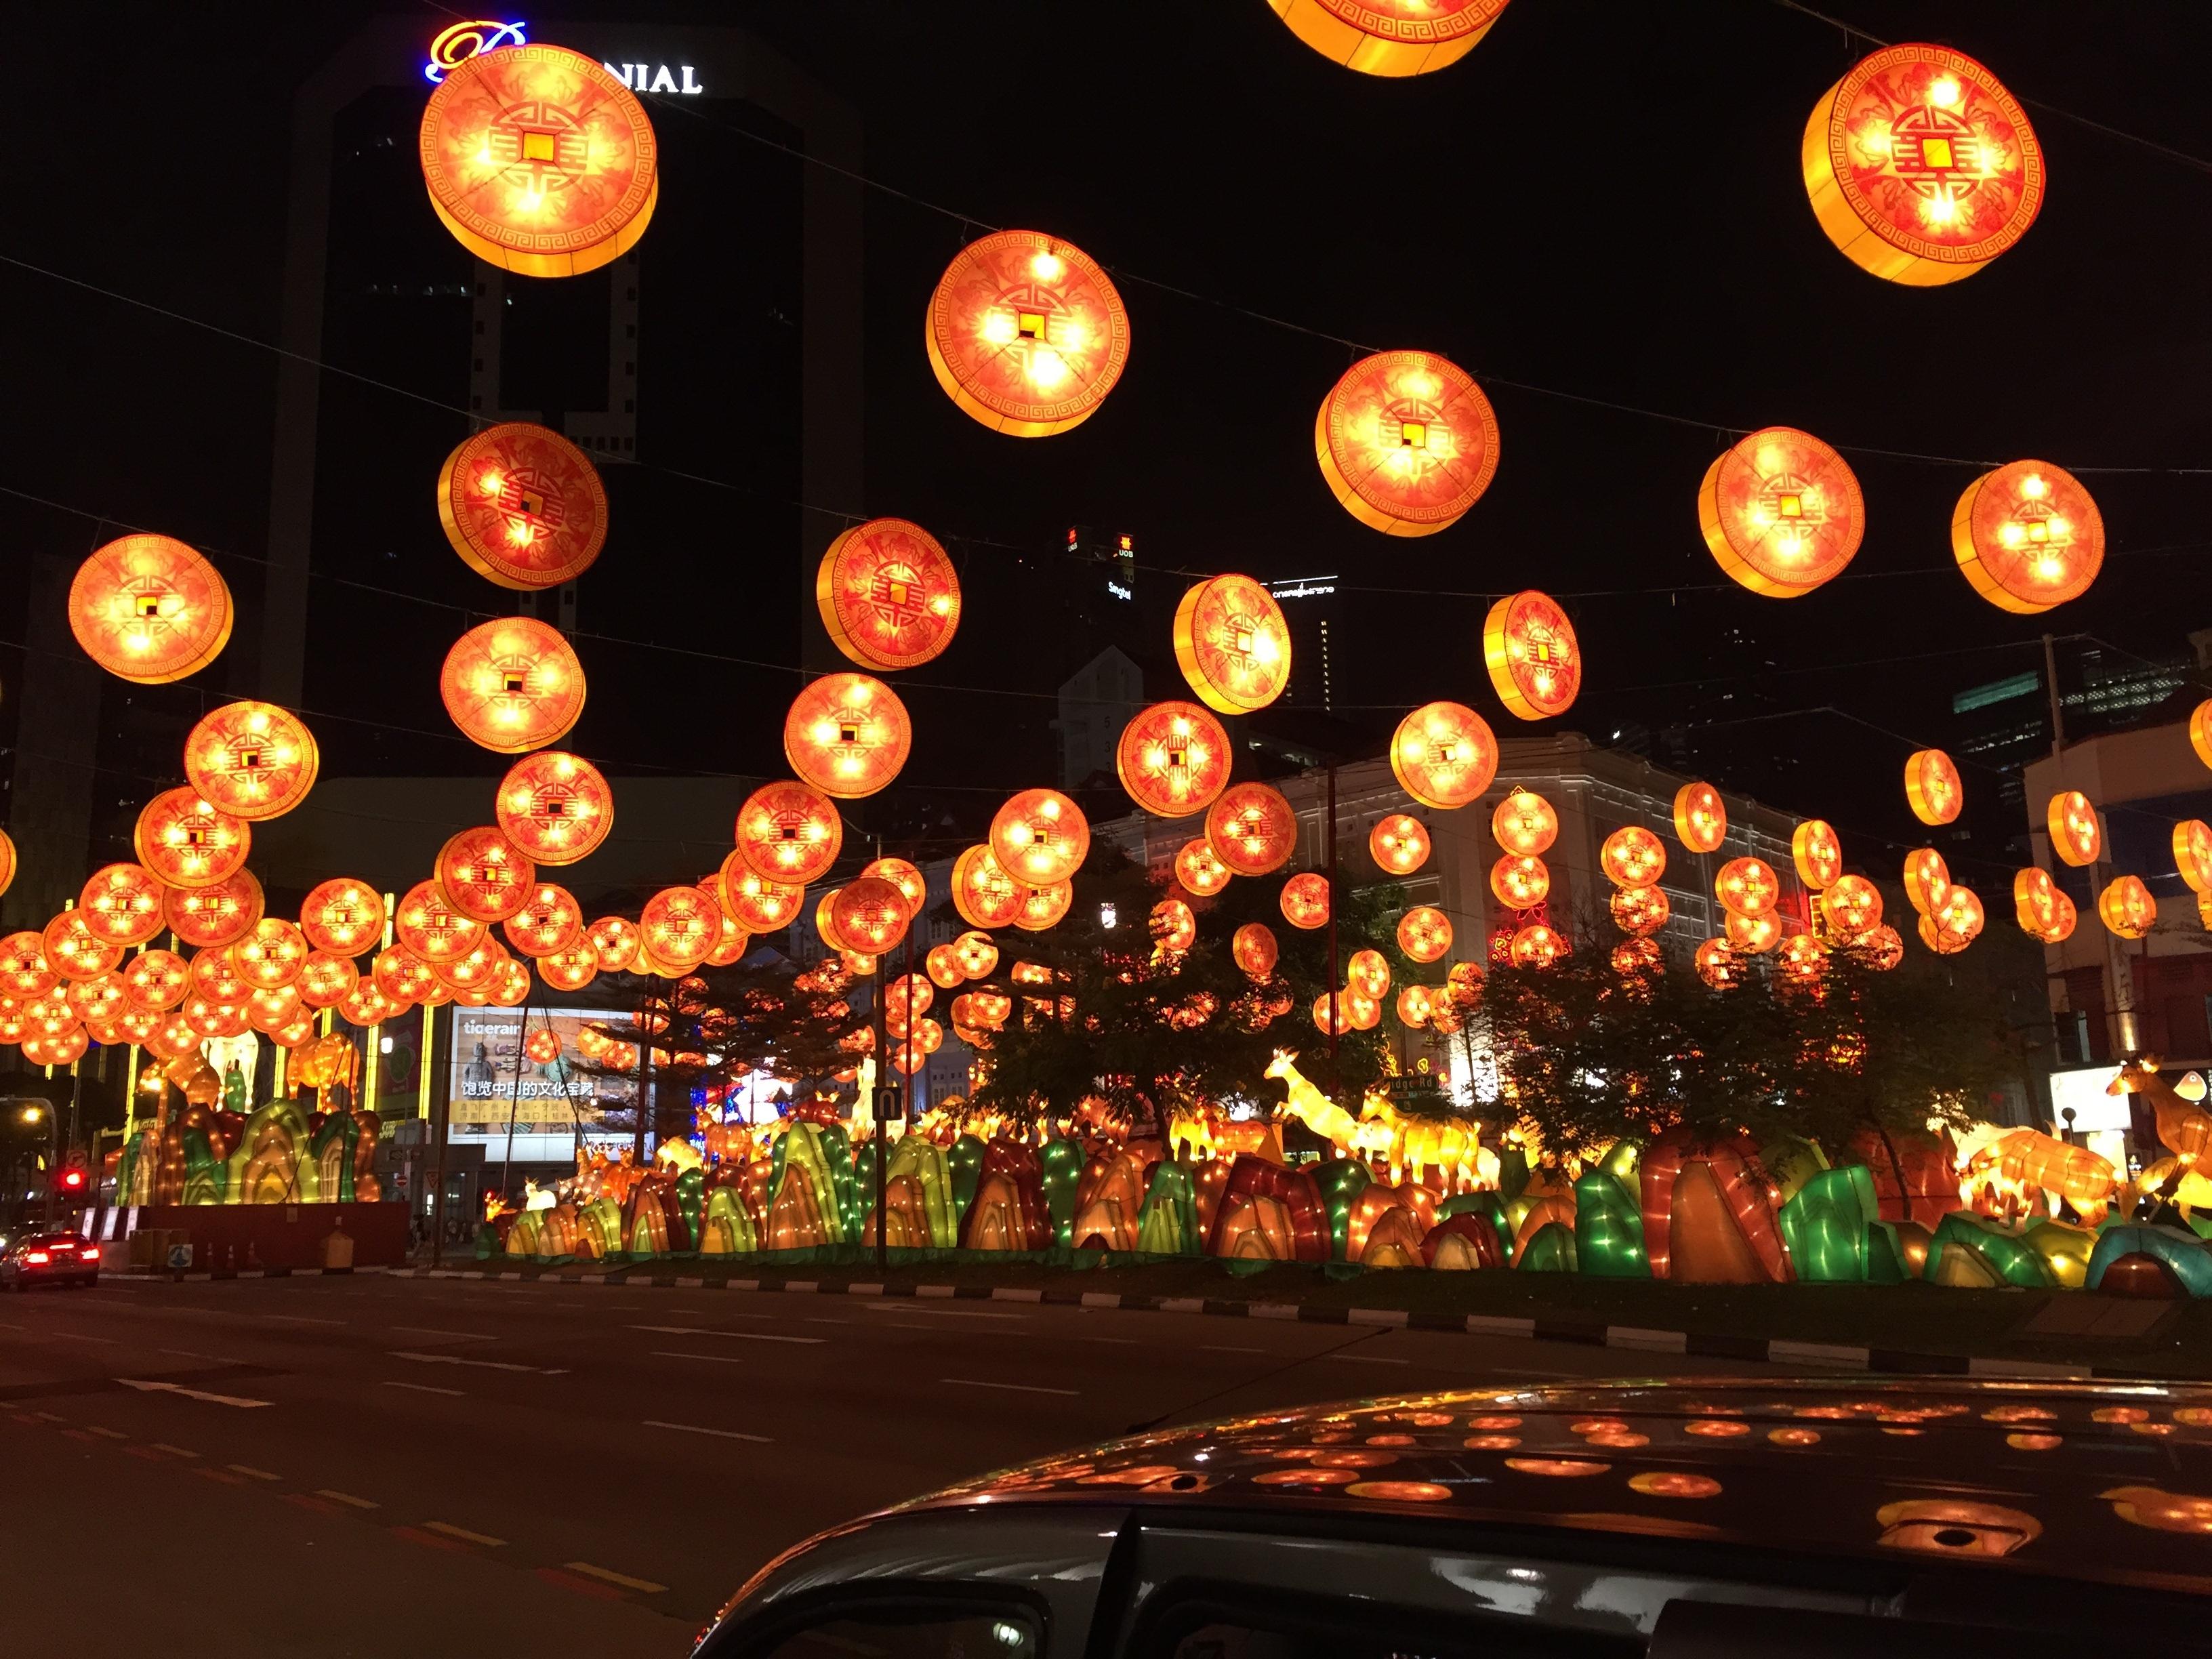 Hình Ảnh : Ánh Sáng, Đường Phố, Đêm, Tối, Đèn Lồng, Trung Quốc, Ngày Lễ,  Thắp Sáng, Mặt Trăng, Trang Trí Giáng Sinh, Lễ Hội, Năm, Mới, Singapore, ...